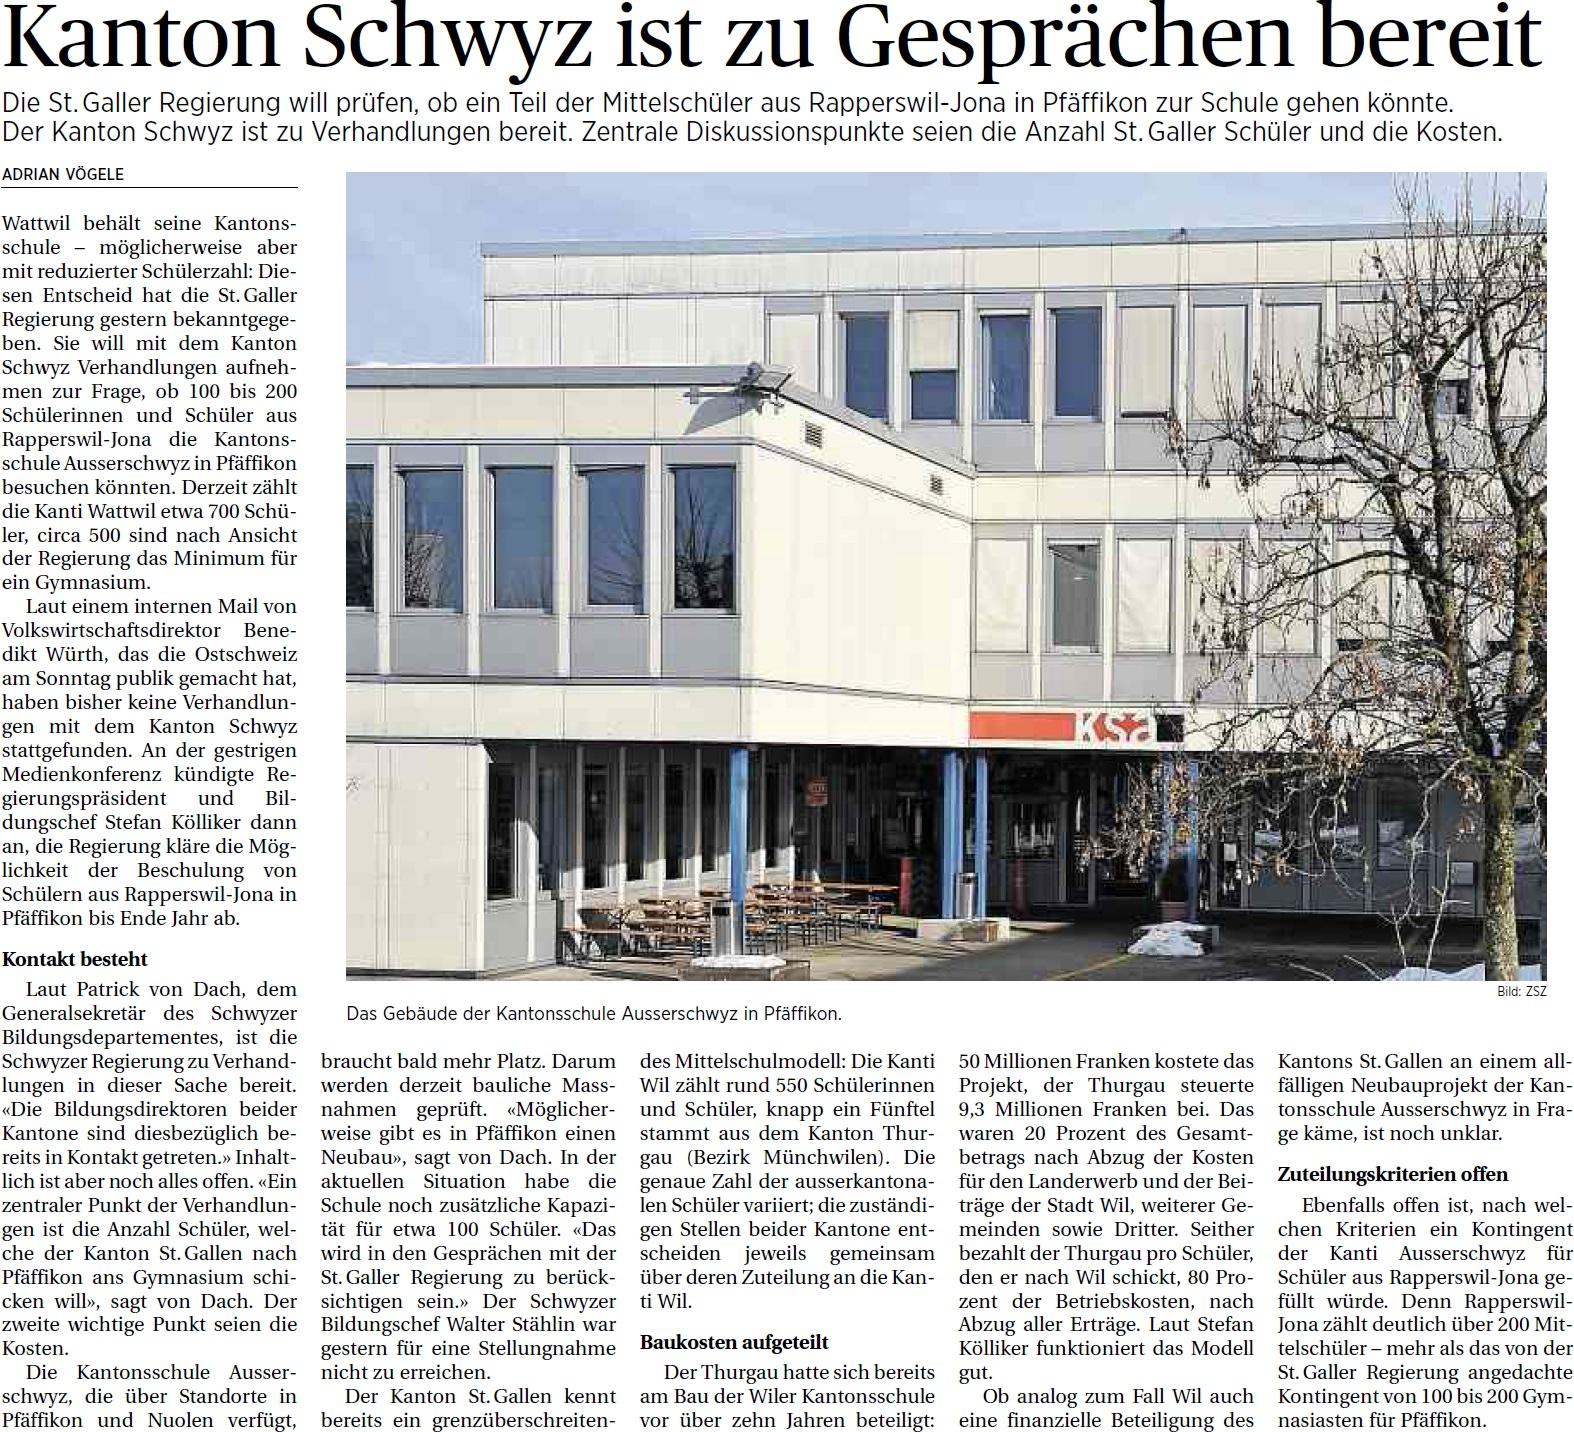 Kanton Schwyz ist zu Gesprächen bereit (Freitag, 09.05.2014)